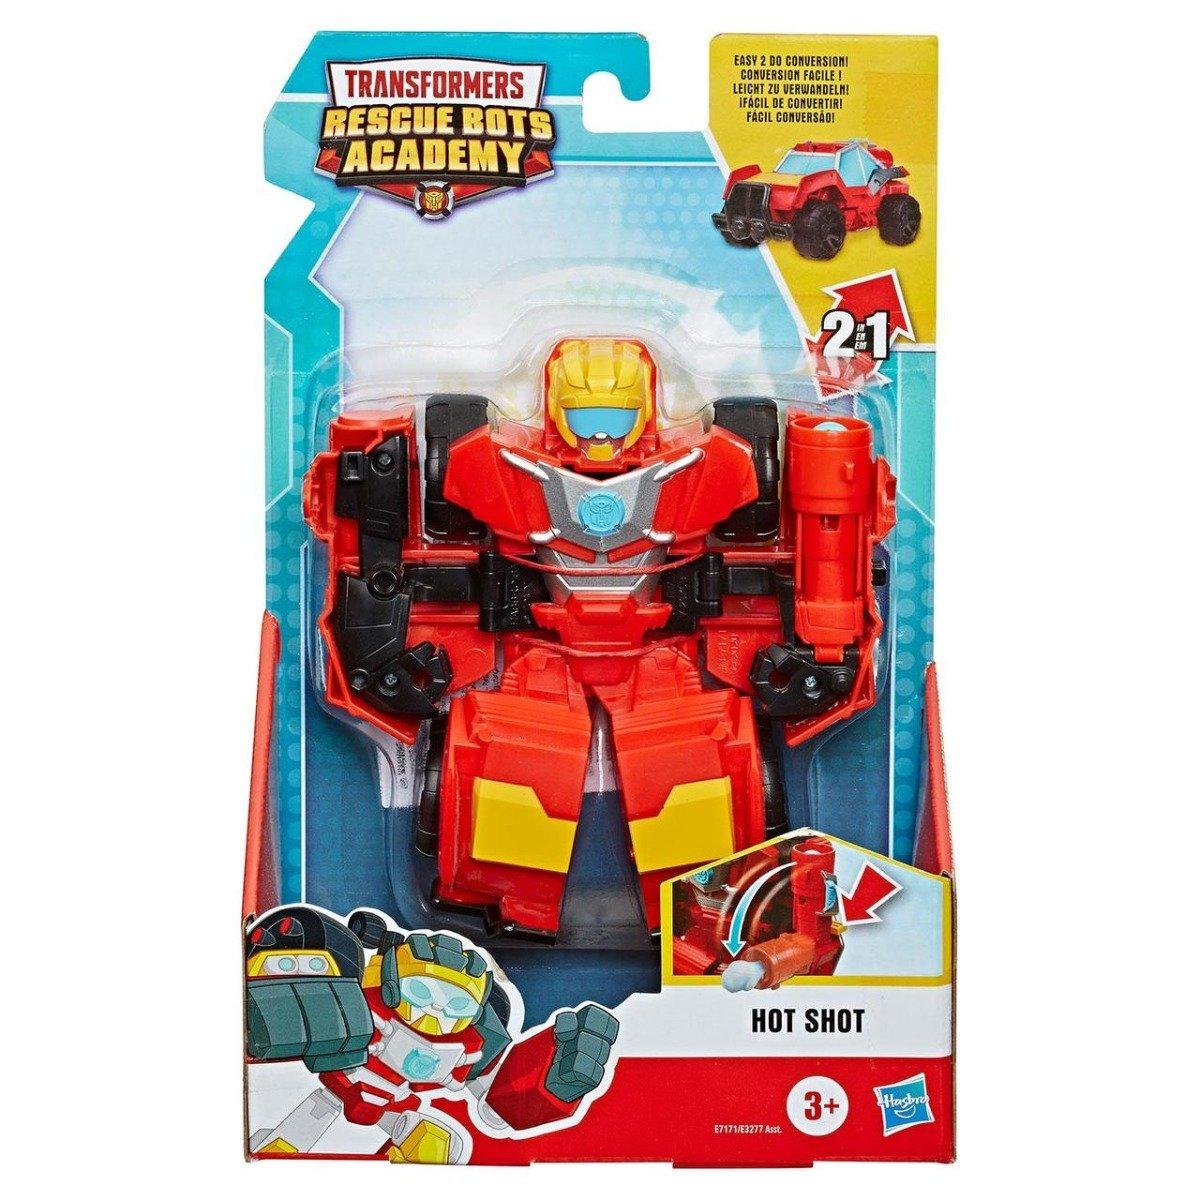 Figurina Transformers Rescue Bots Academy, Hot Shot, E7171